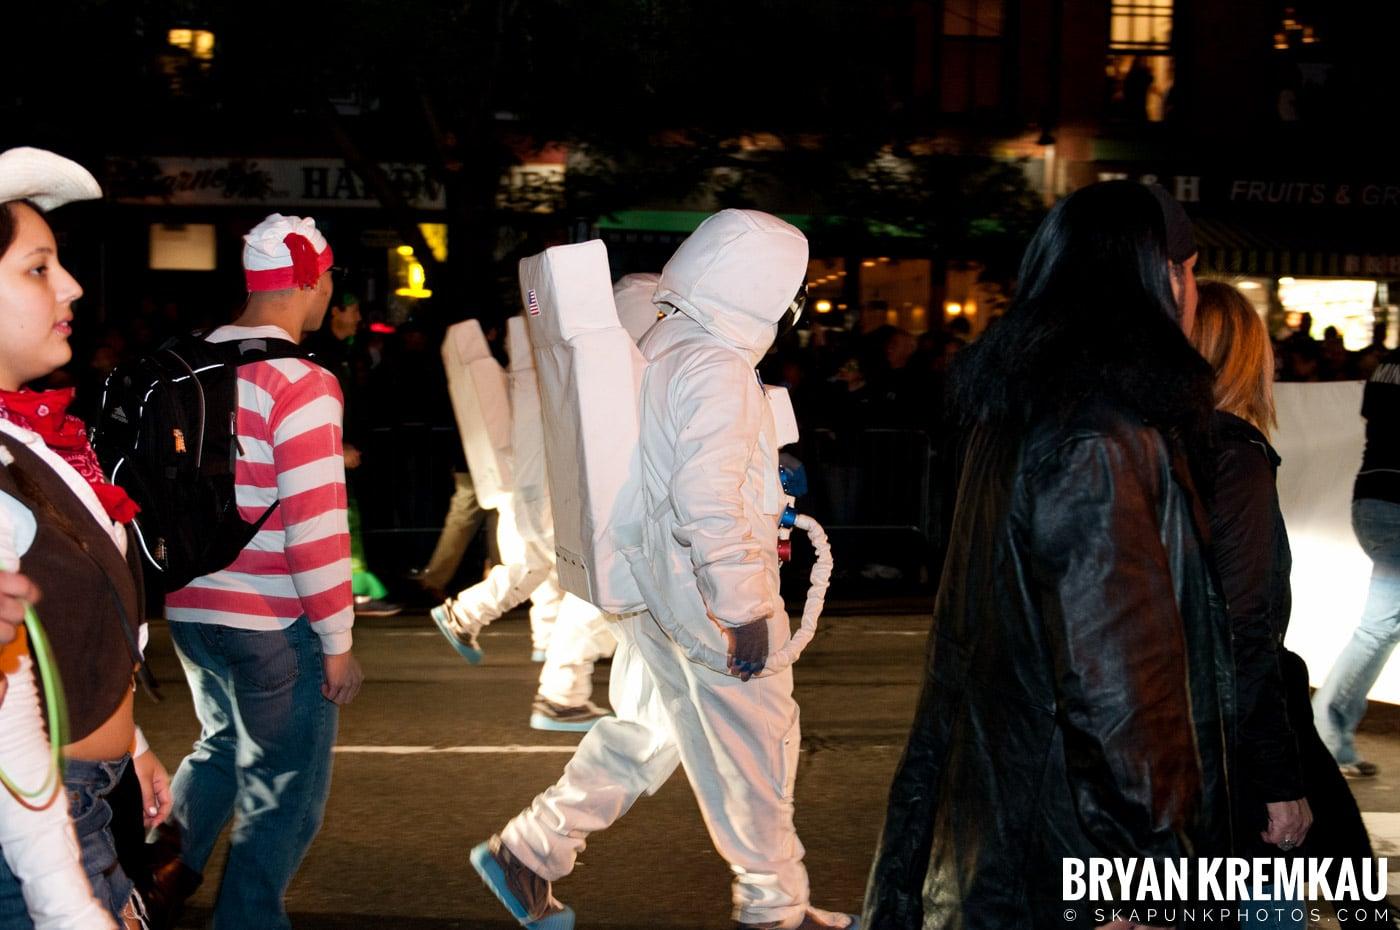 NYC Halloween Parade 2011 @ New York, NY - 10.31.11 (23)